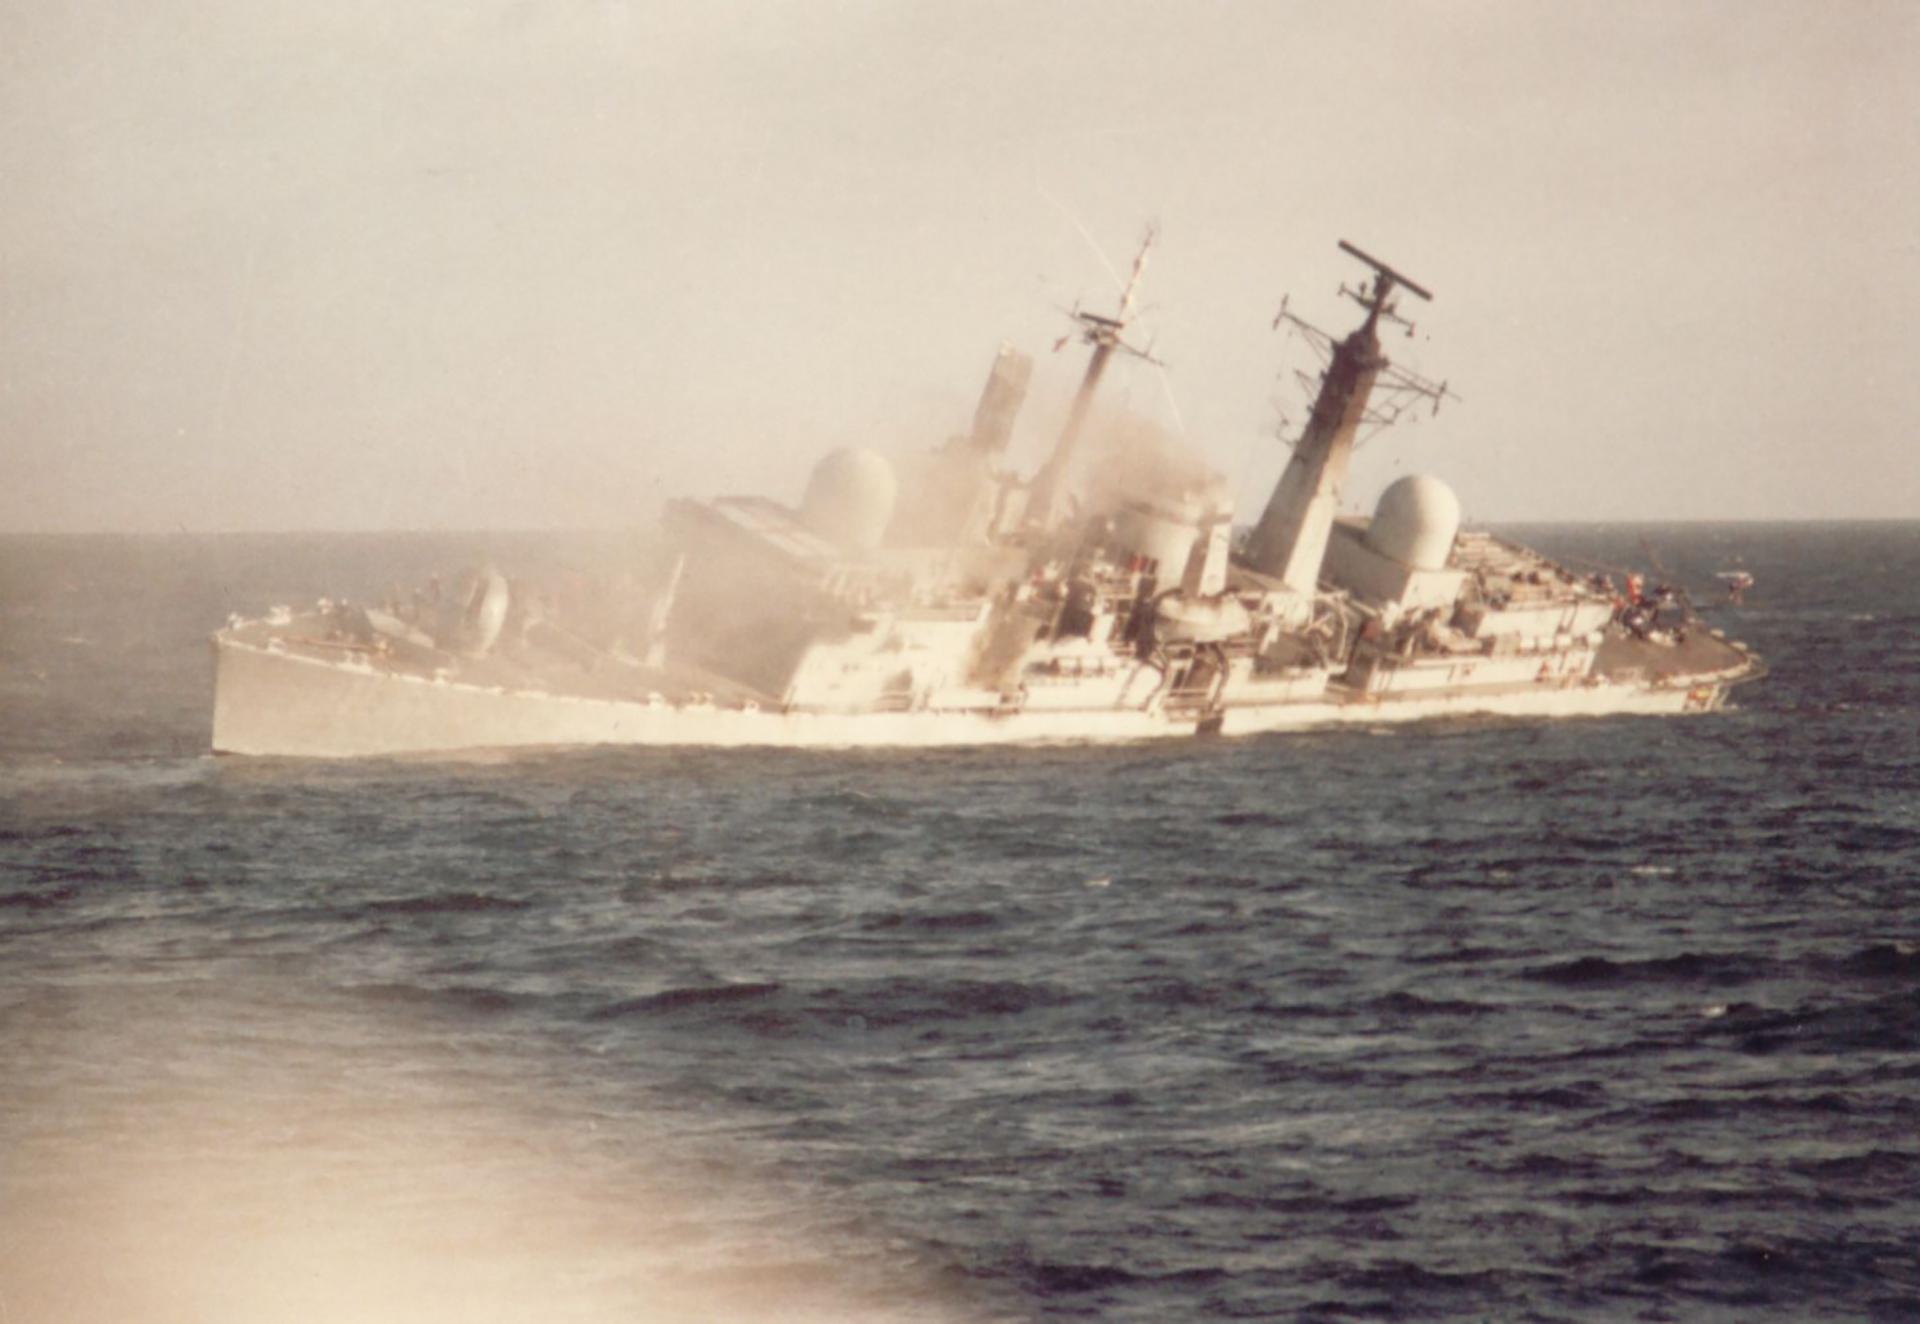 25 de mayo: el destructor HMS el Coventry recibió la orden de posicionarse en el Estrecho de San Carlos para atraer los aviones argentinos y alejarlos de la flota de invasión. Los ingleses derribana los primerosA4-B y A4-C, pero finalmente el buqueesalcanzadopor tresbombas